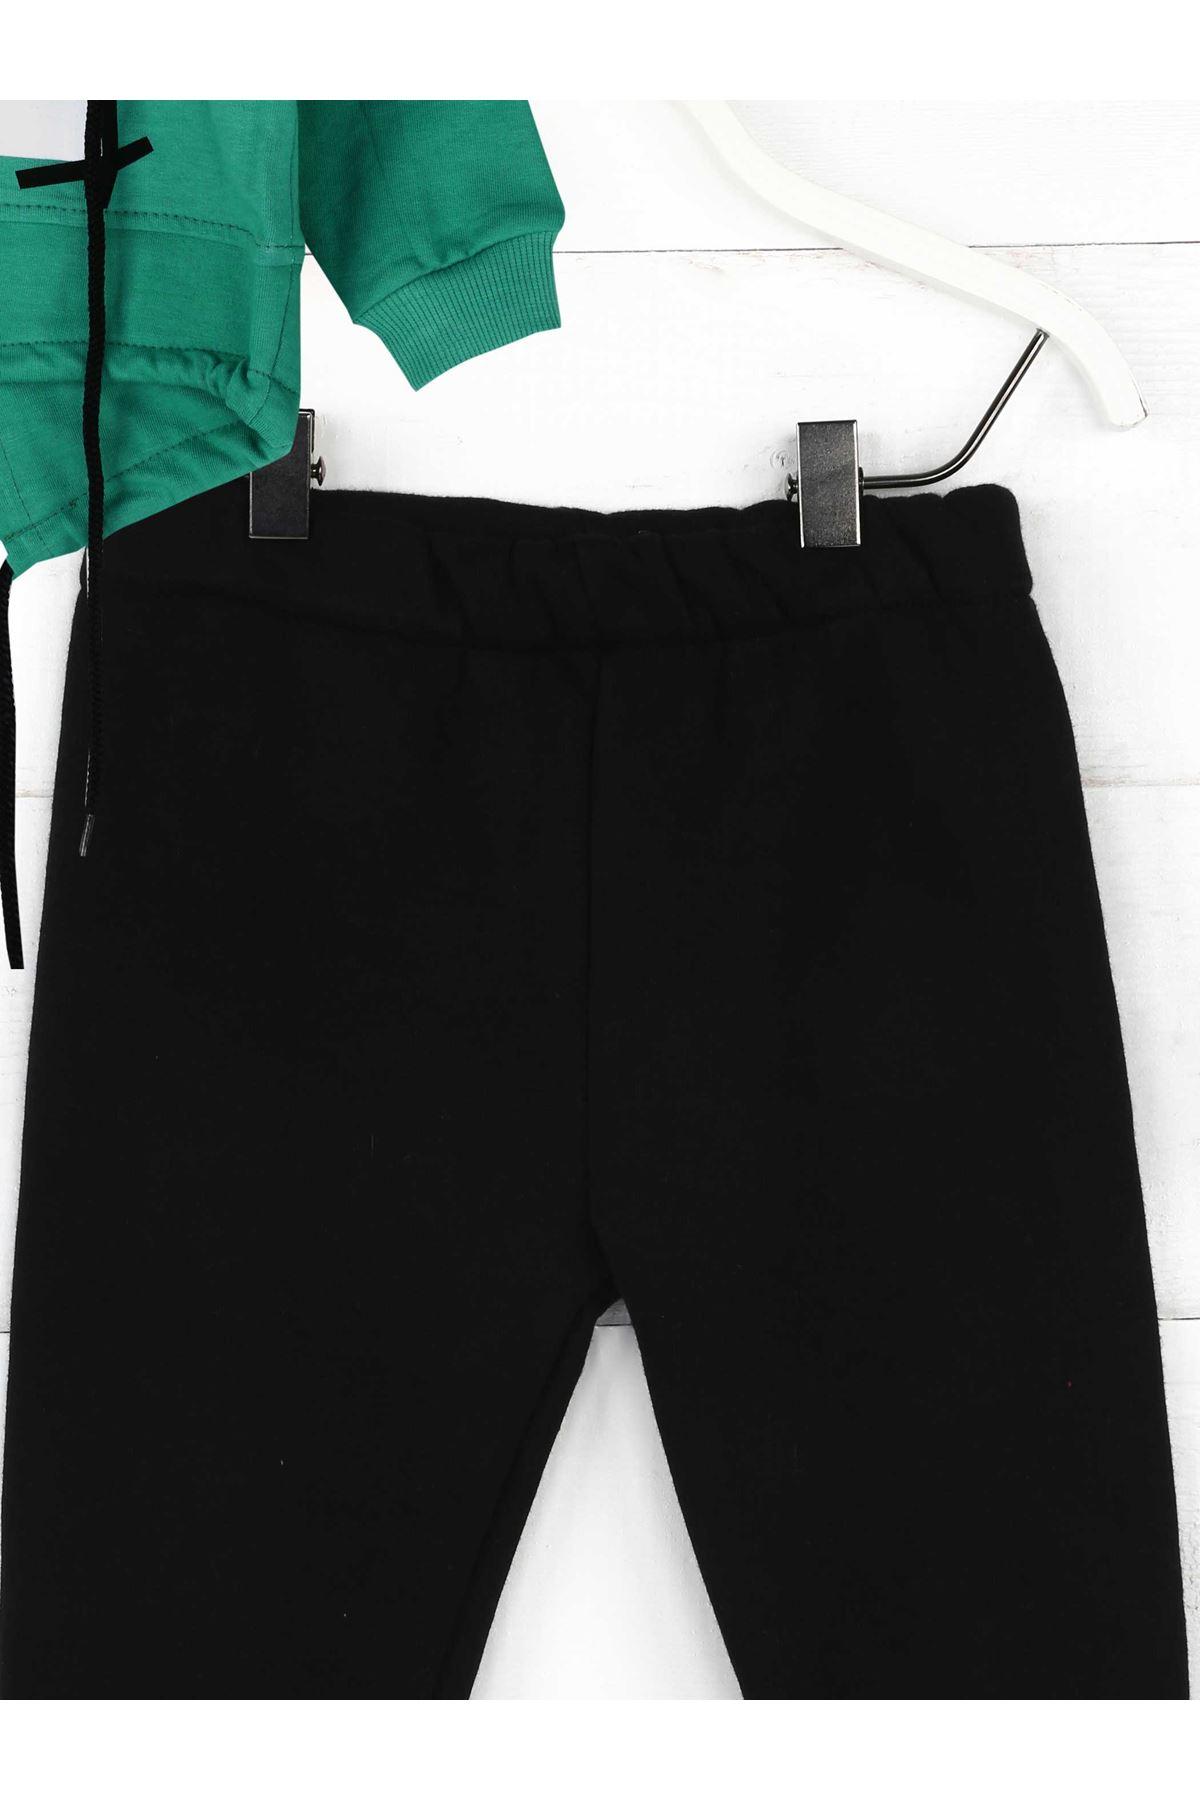 Yeşil Siyah Mevsimlik Erkek Çocuk 2li Takım